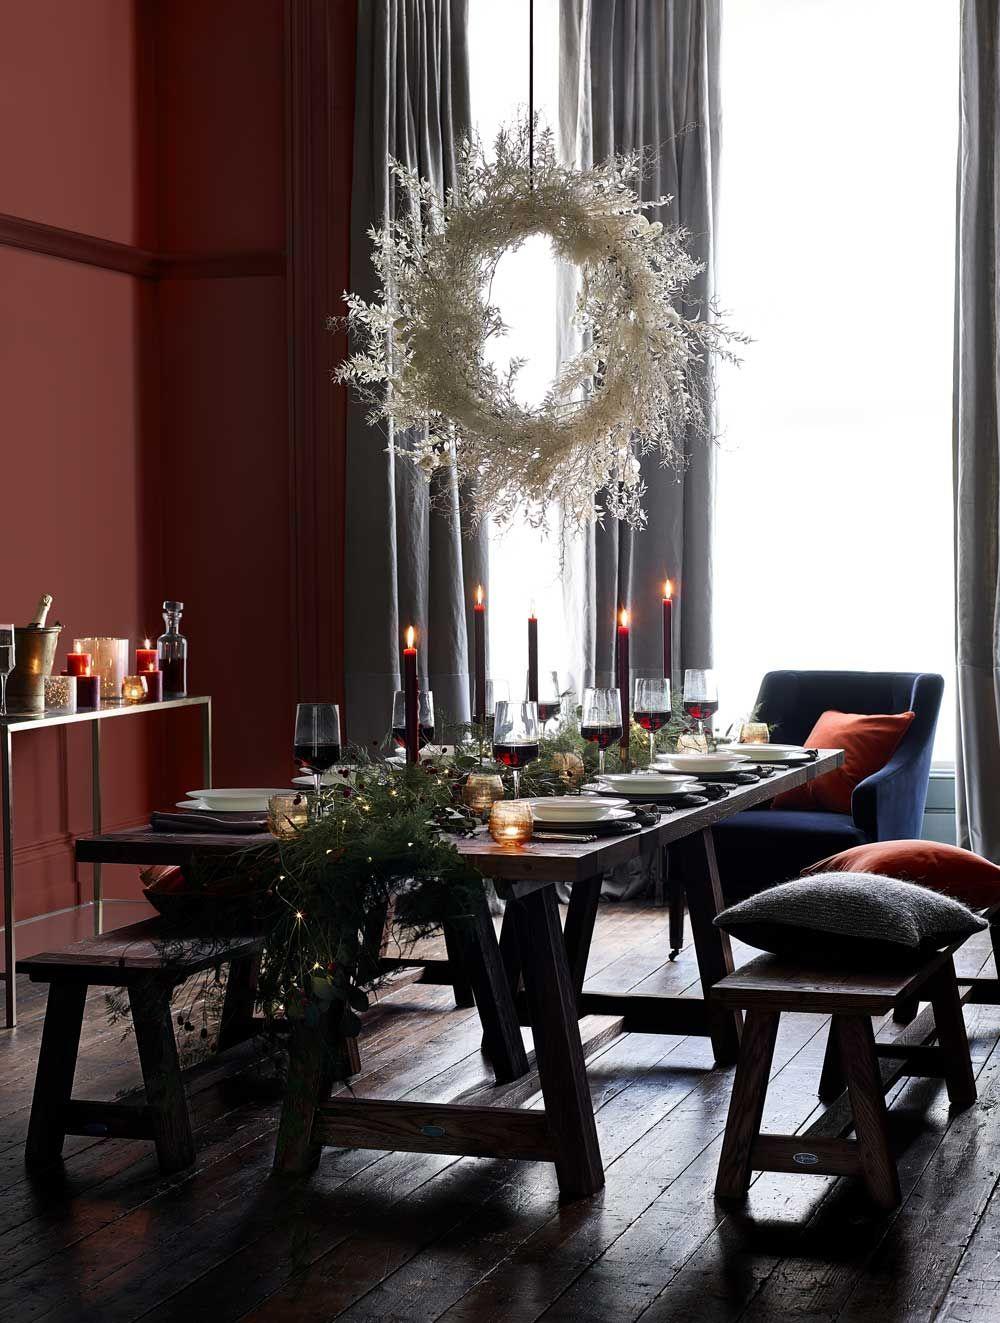 Tischdeko Weihnachten natürlich prächtig 10 Deko Tipps ...